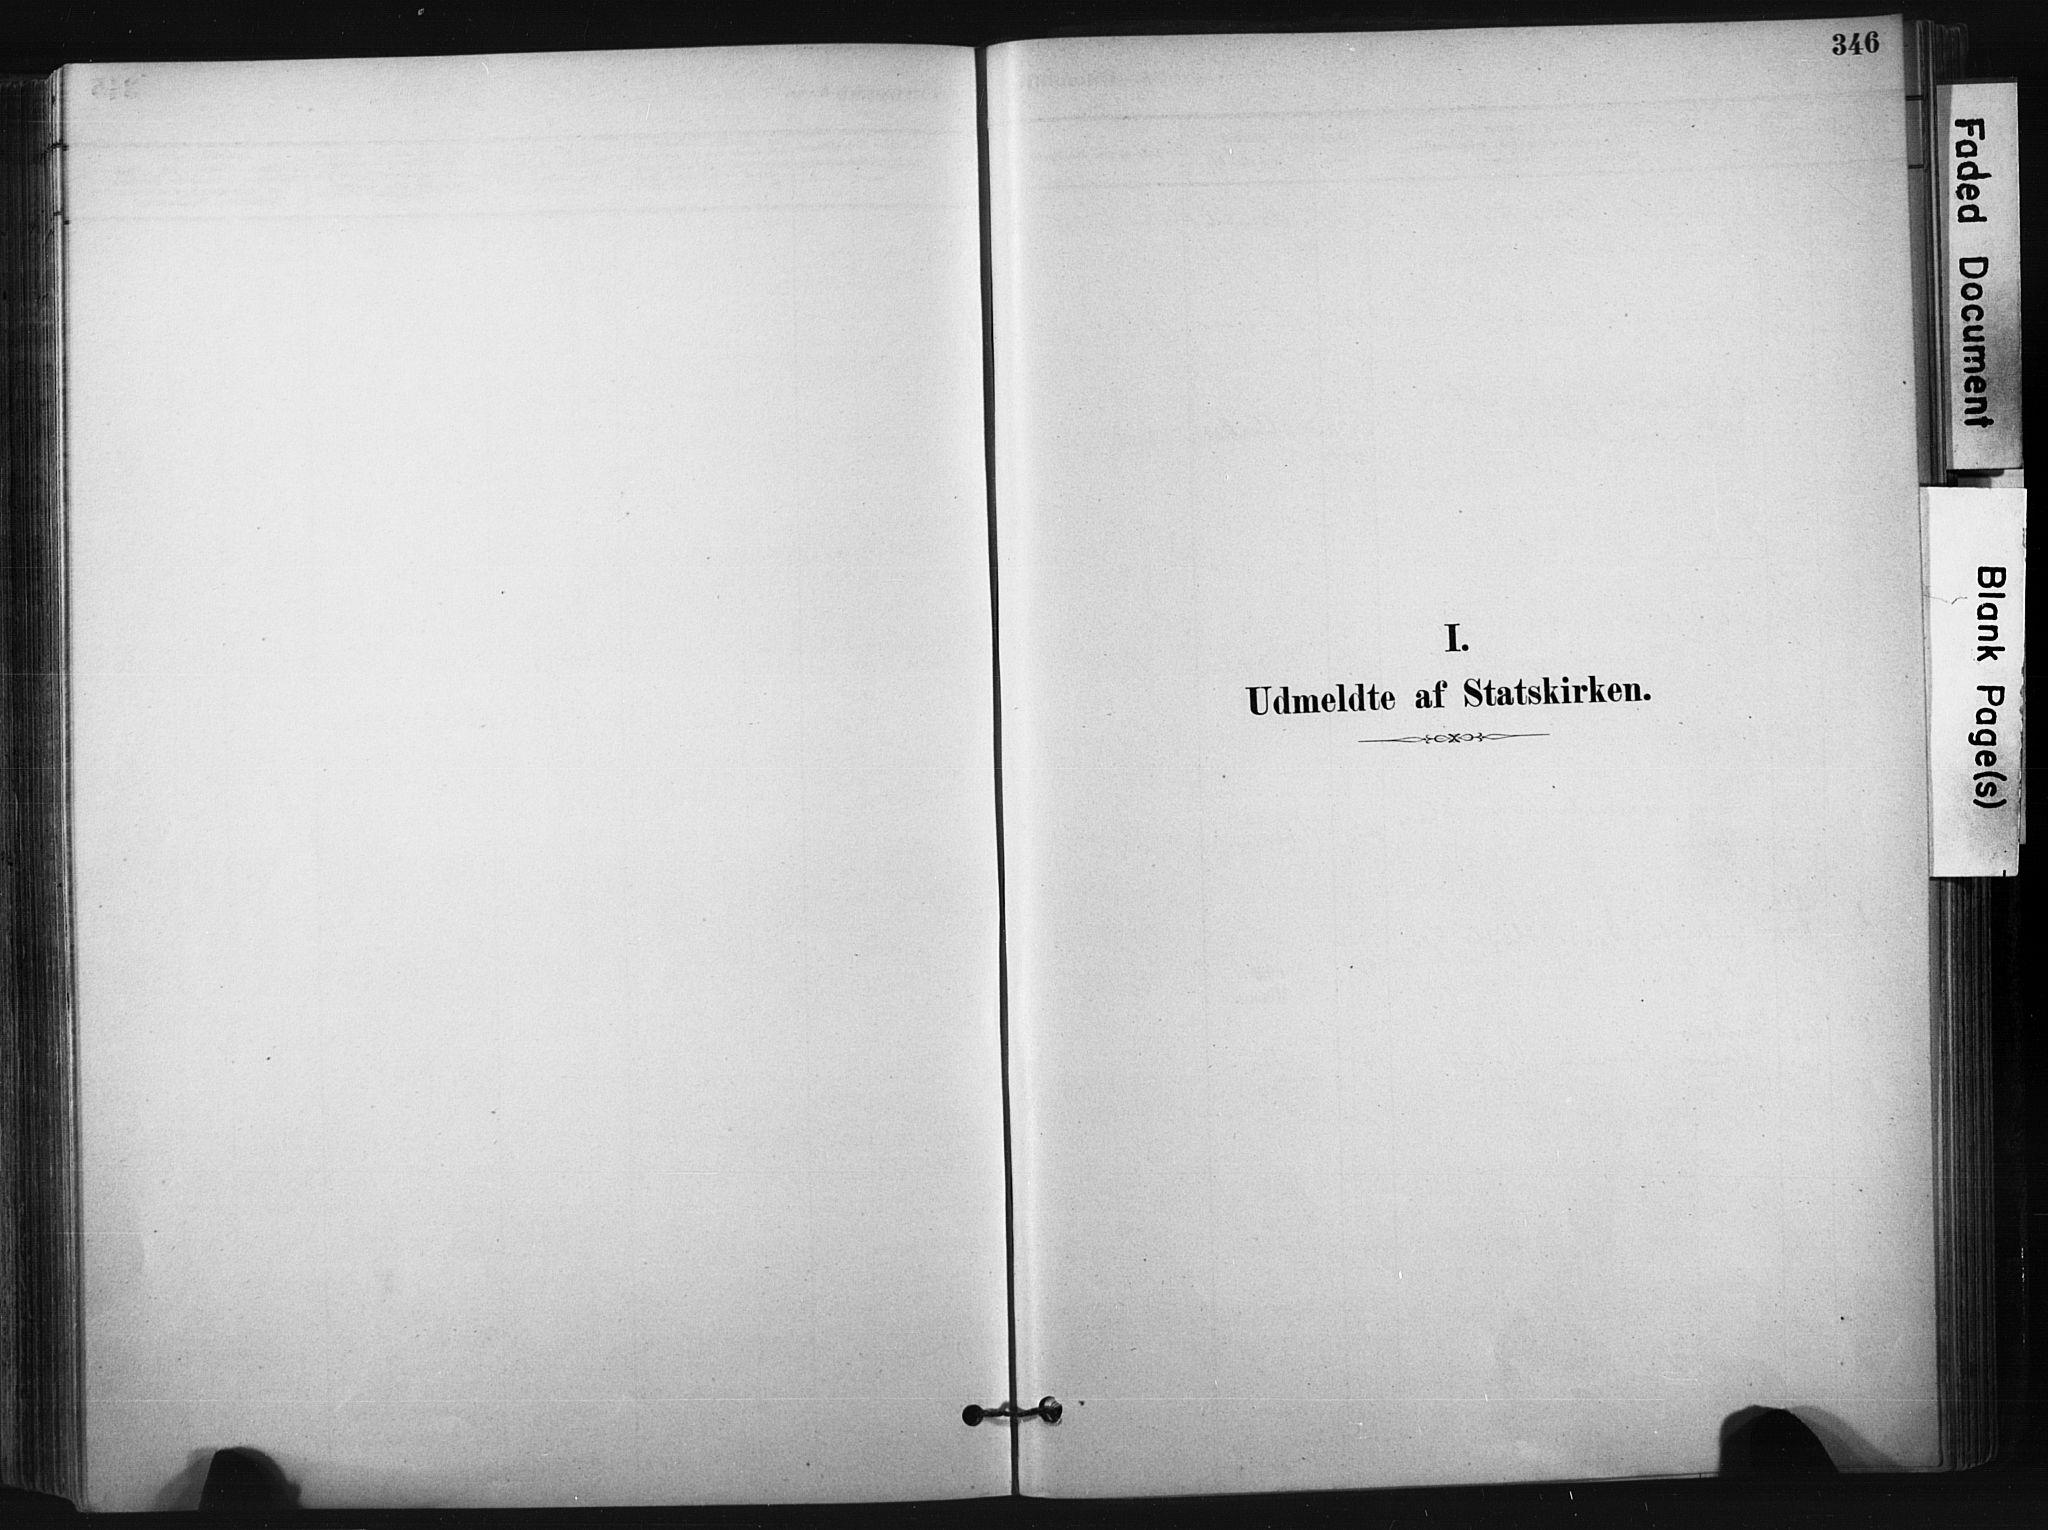 SAKO, Bø kirkebøker, F/Fa/L0010: Ministerialbok nr. 10, 1880-1892, s. 346